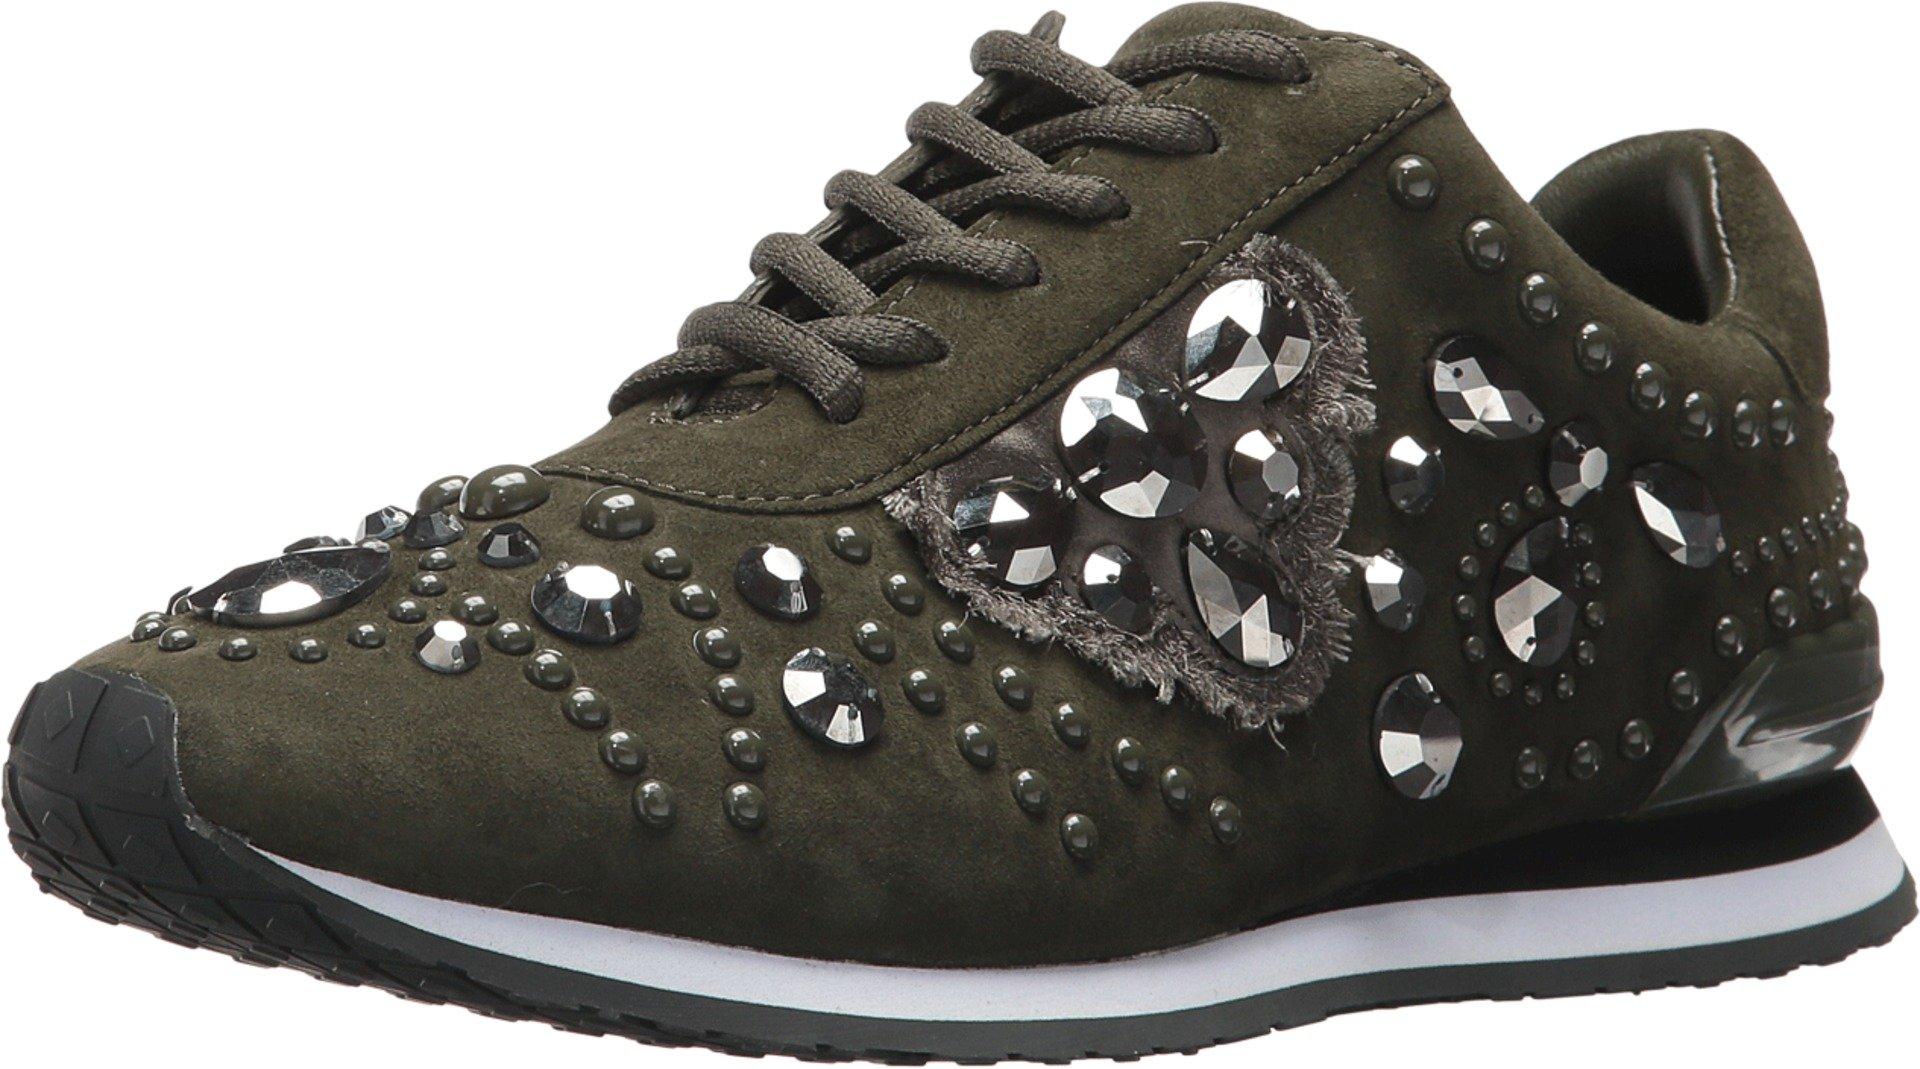 Tory Burch Scarlett Embellished Velvet Sneakers, boxwood/Hematite (7)